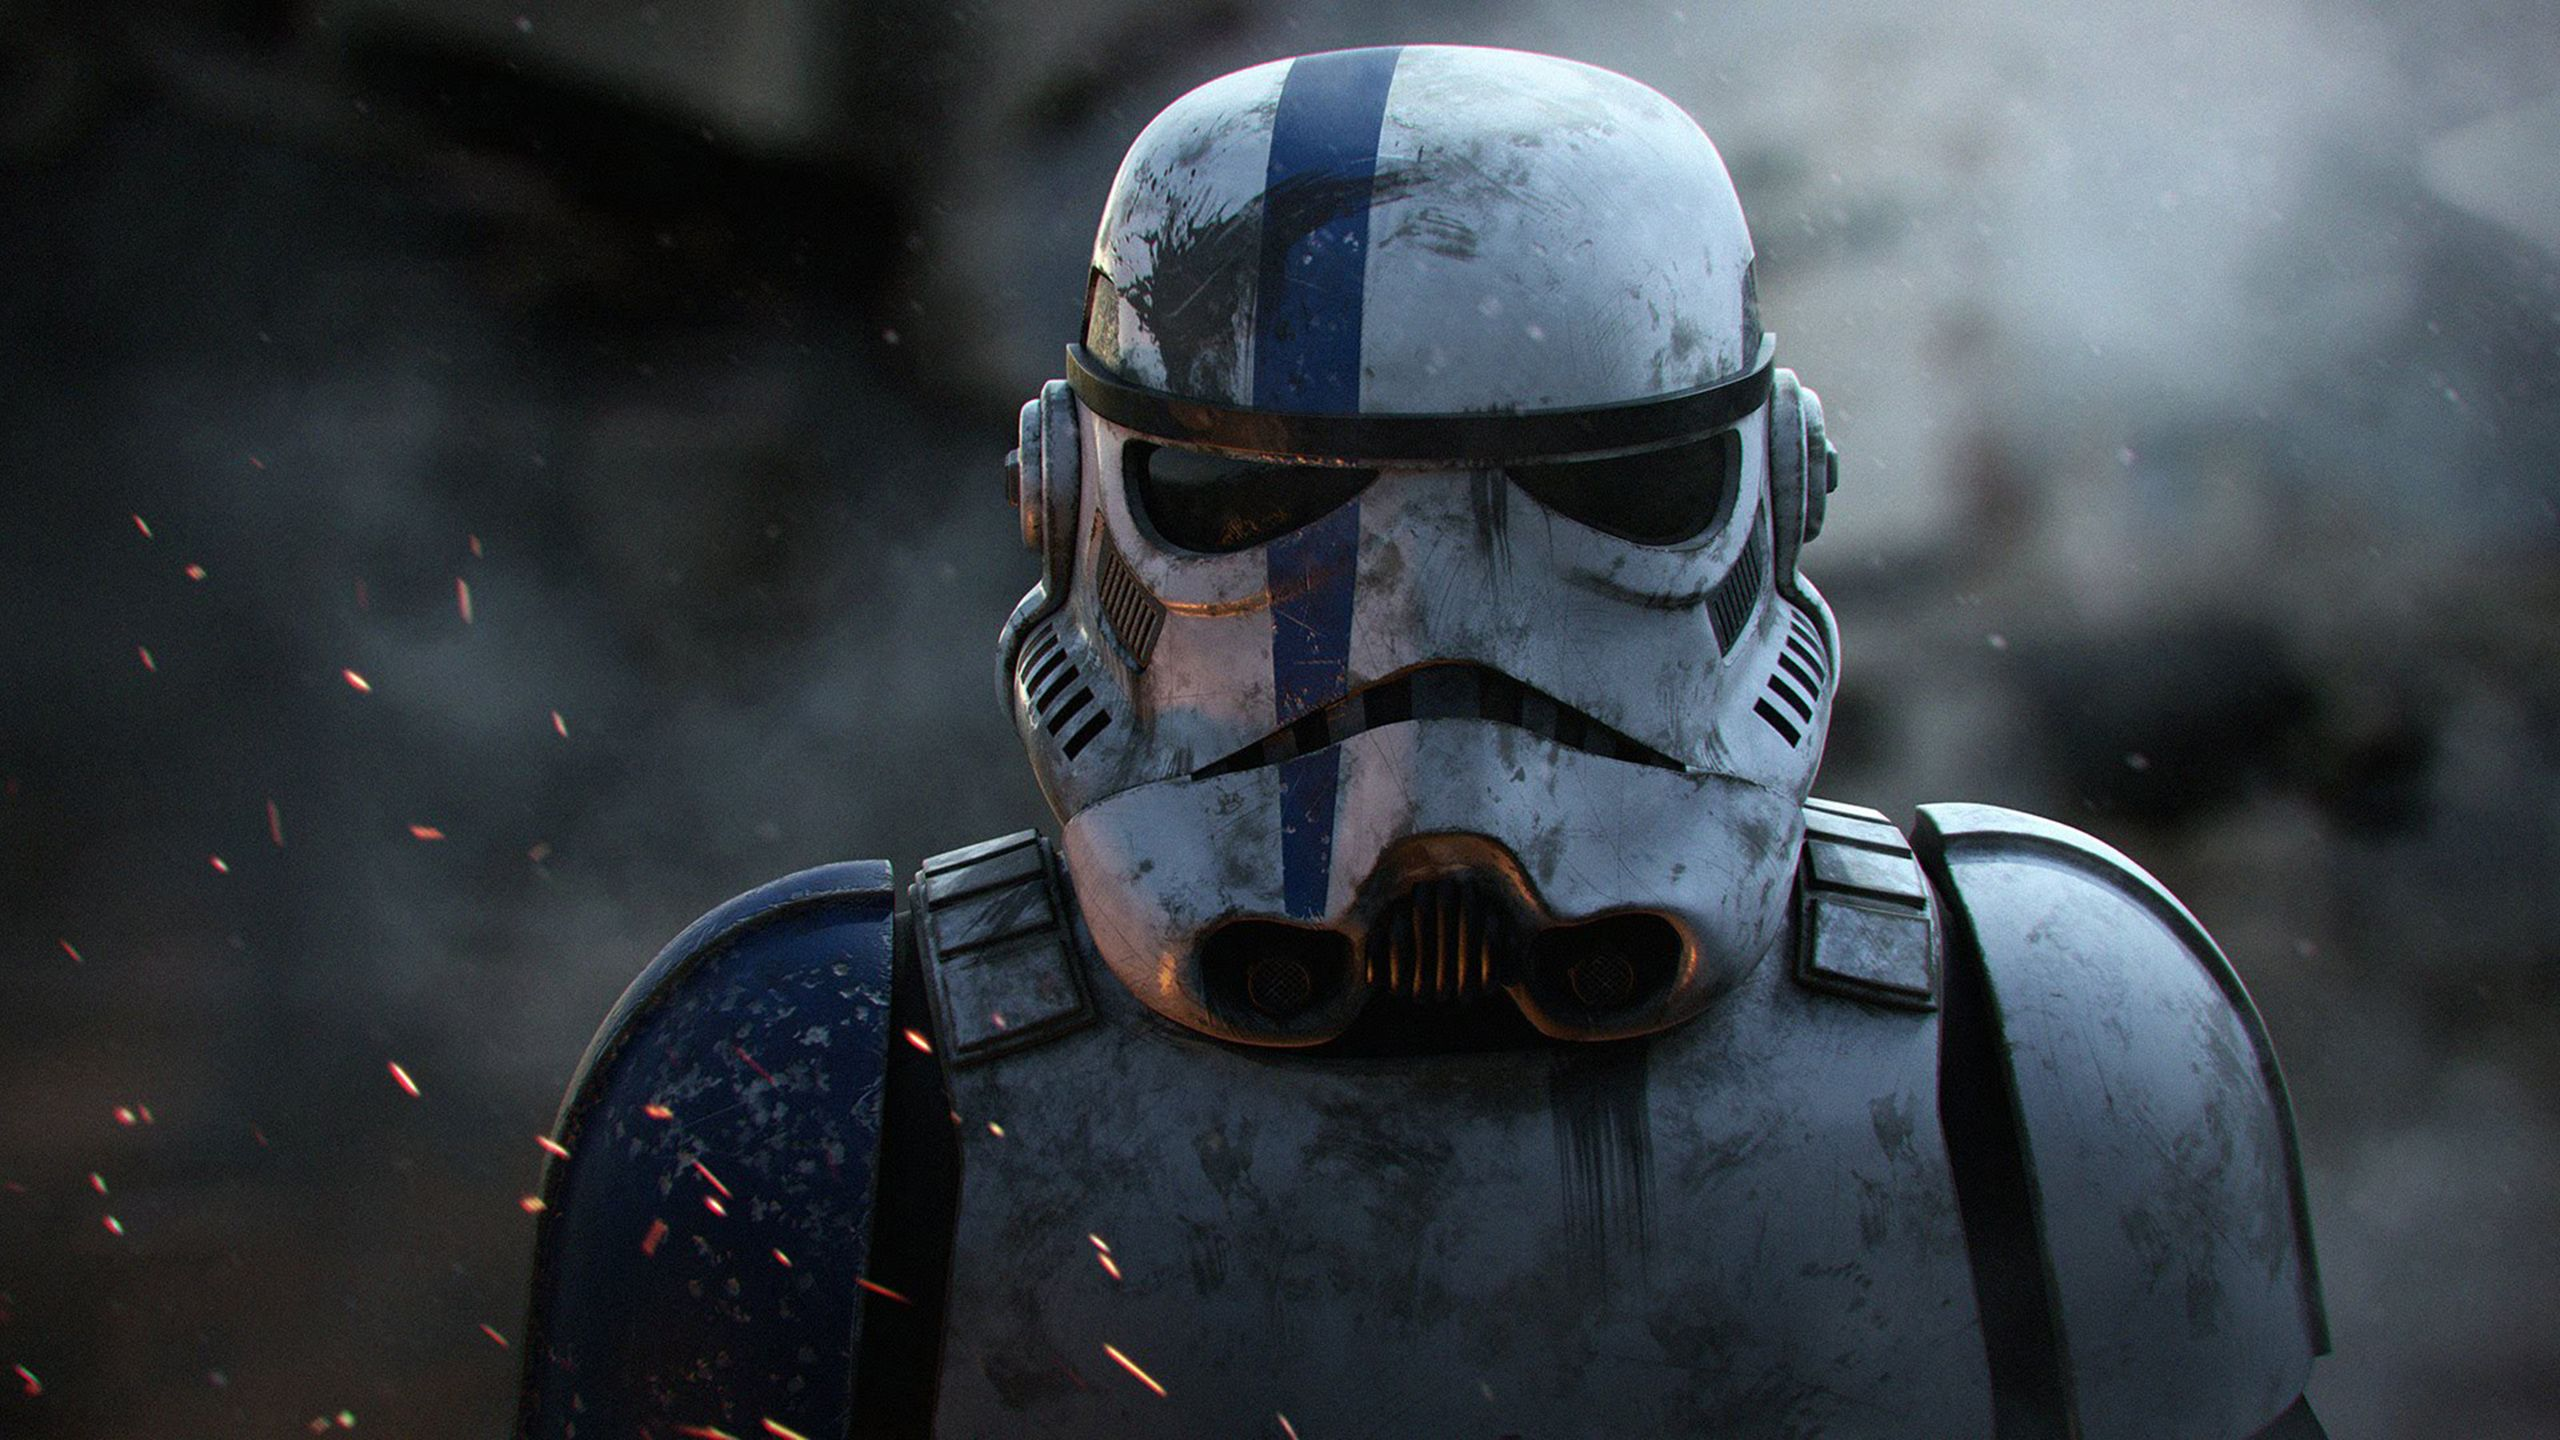 Star Wars 4K Wallpaper 02 2560 x 1440